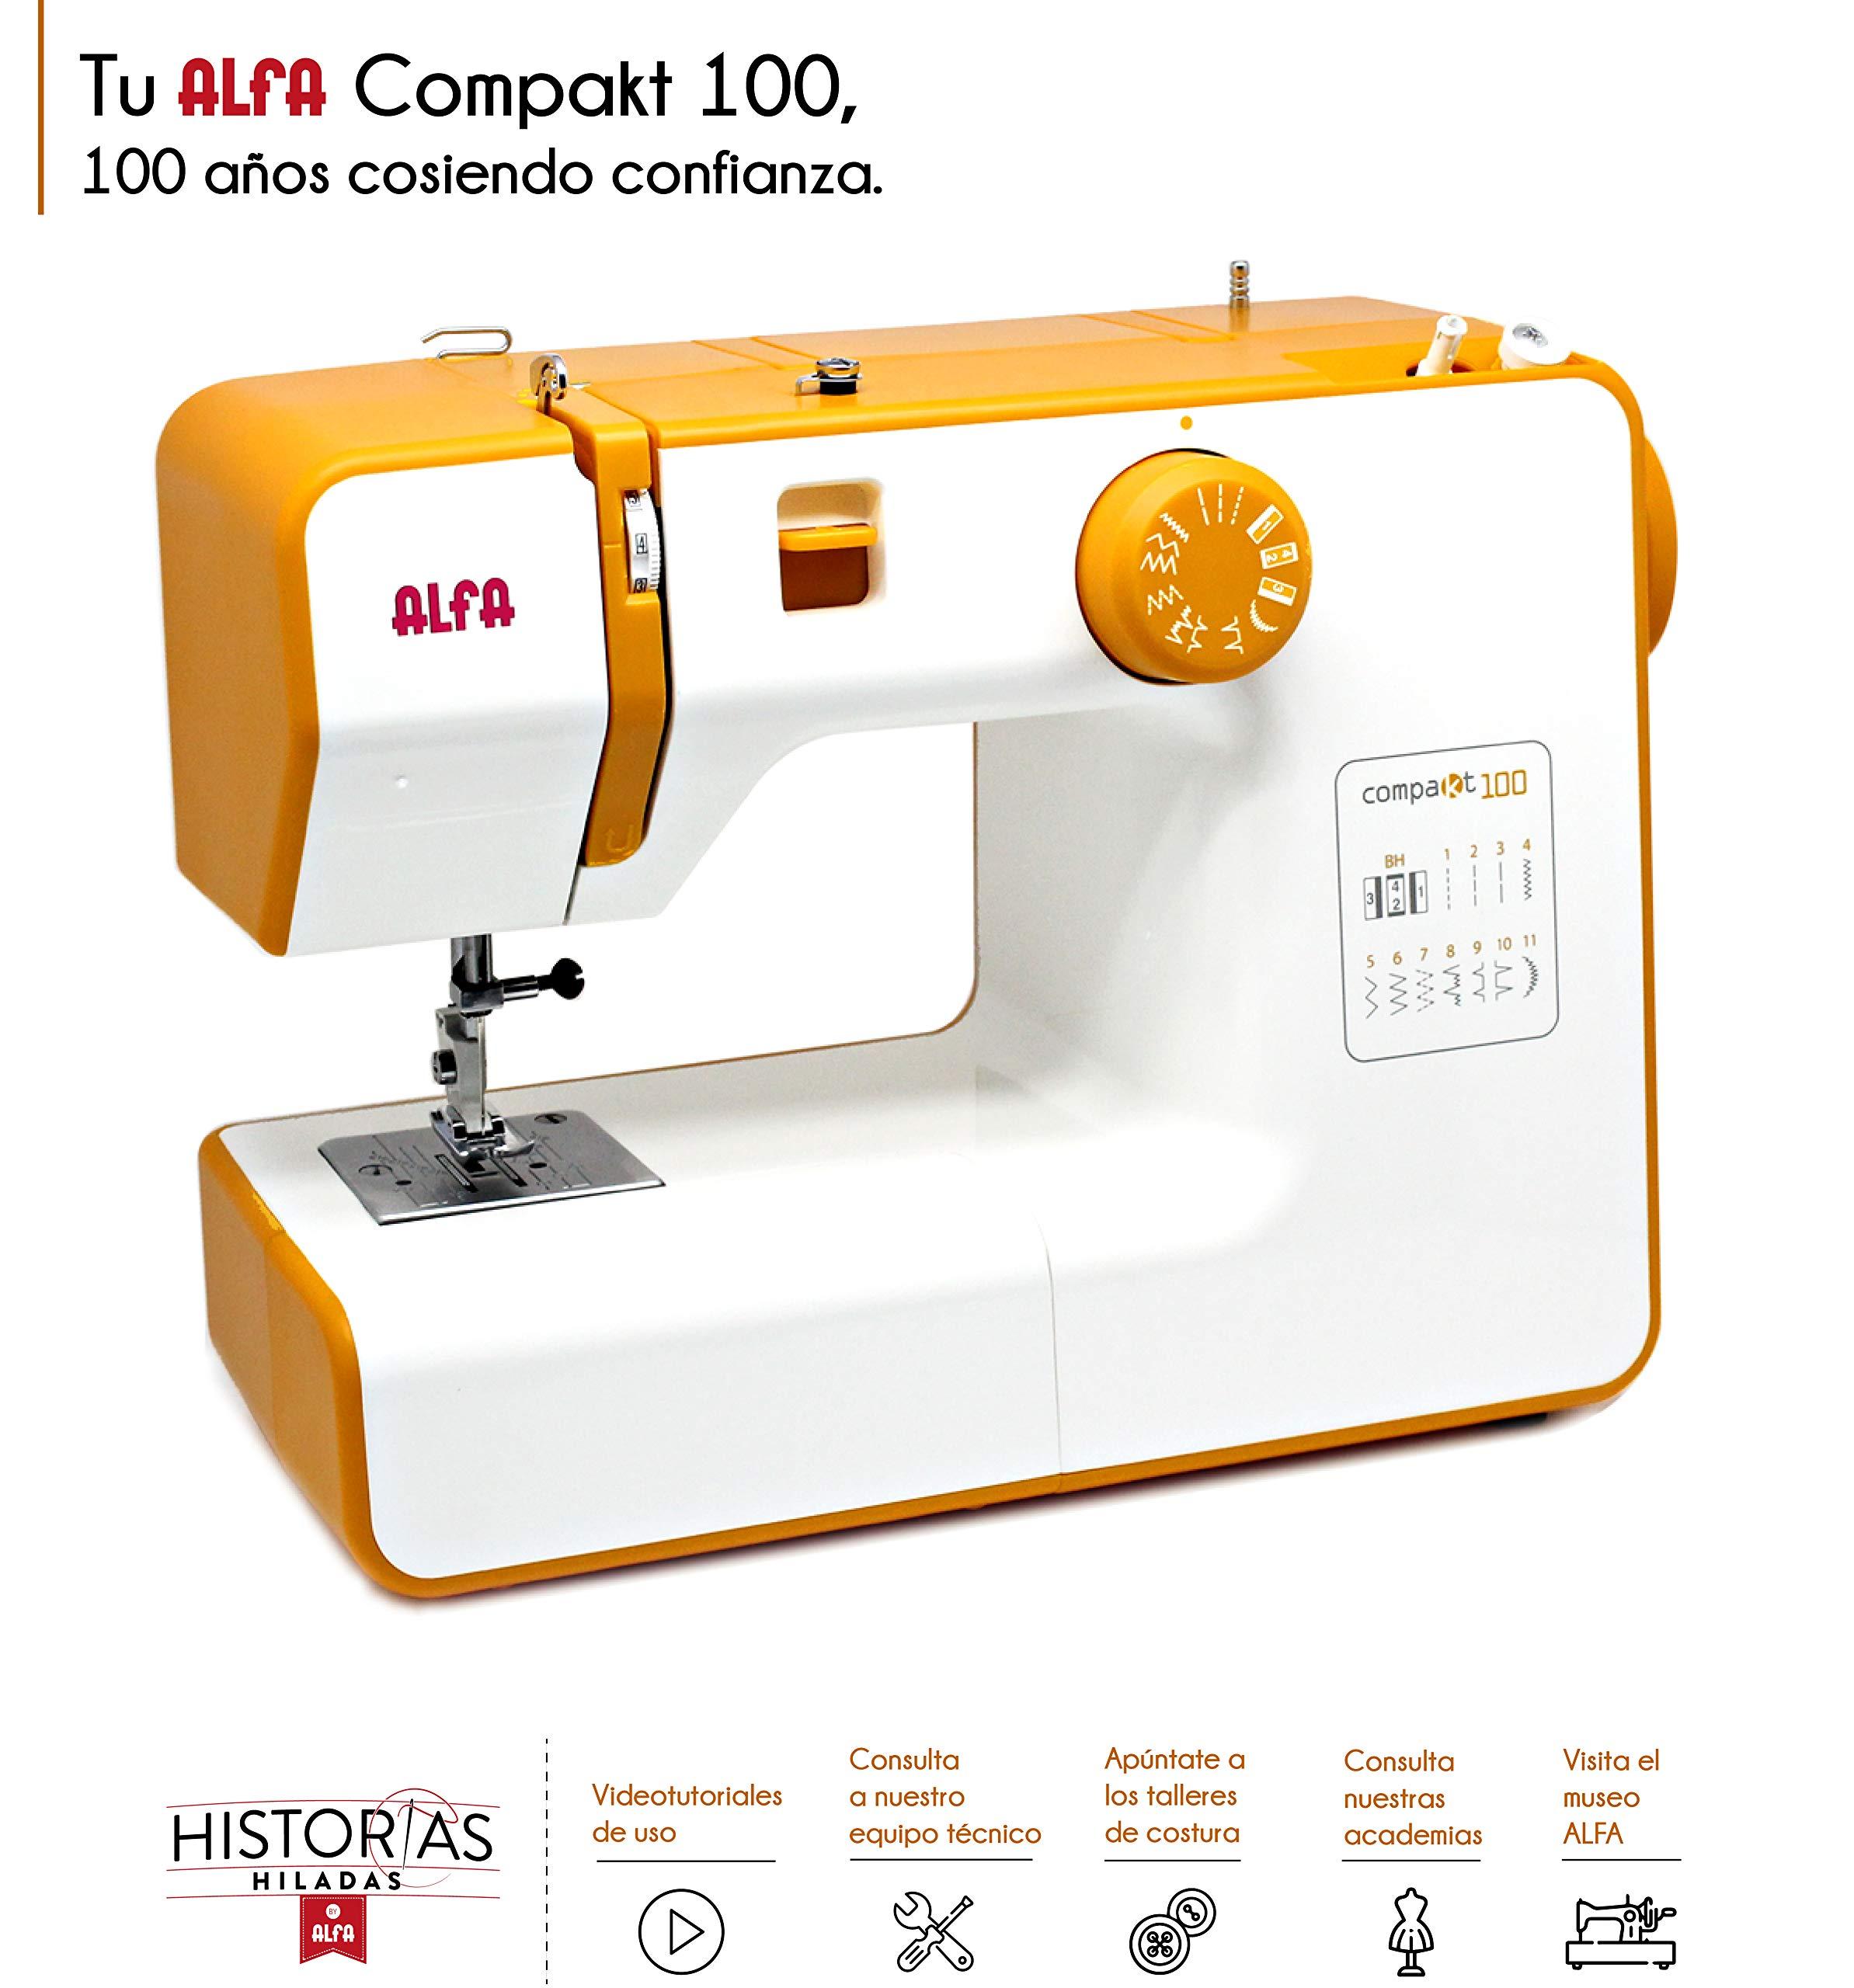 Alfa Compact100 Compakt 100-Maquina de Coser compacta, Blanco y Amarillo, 25 x